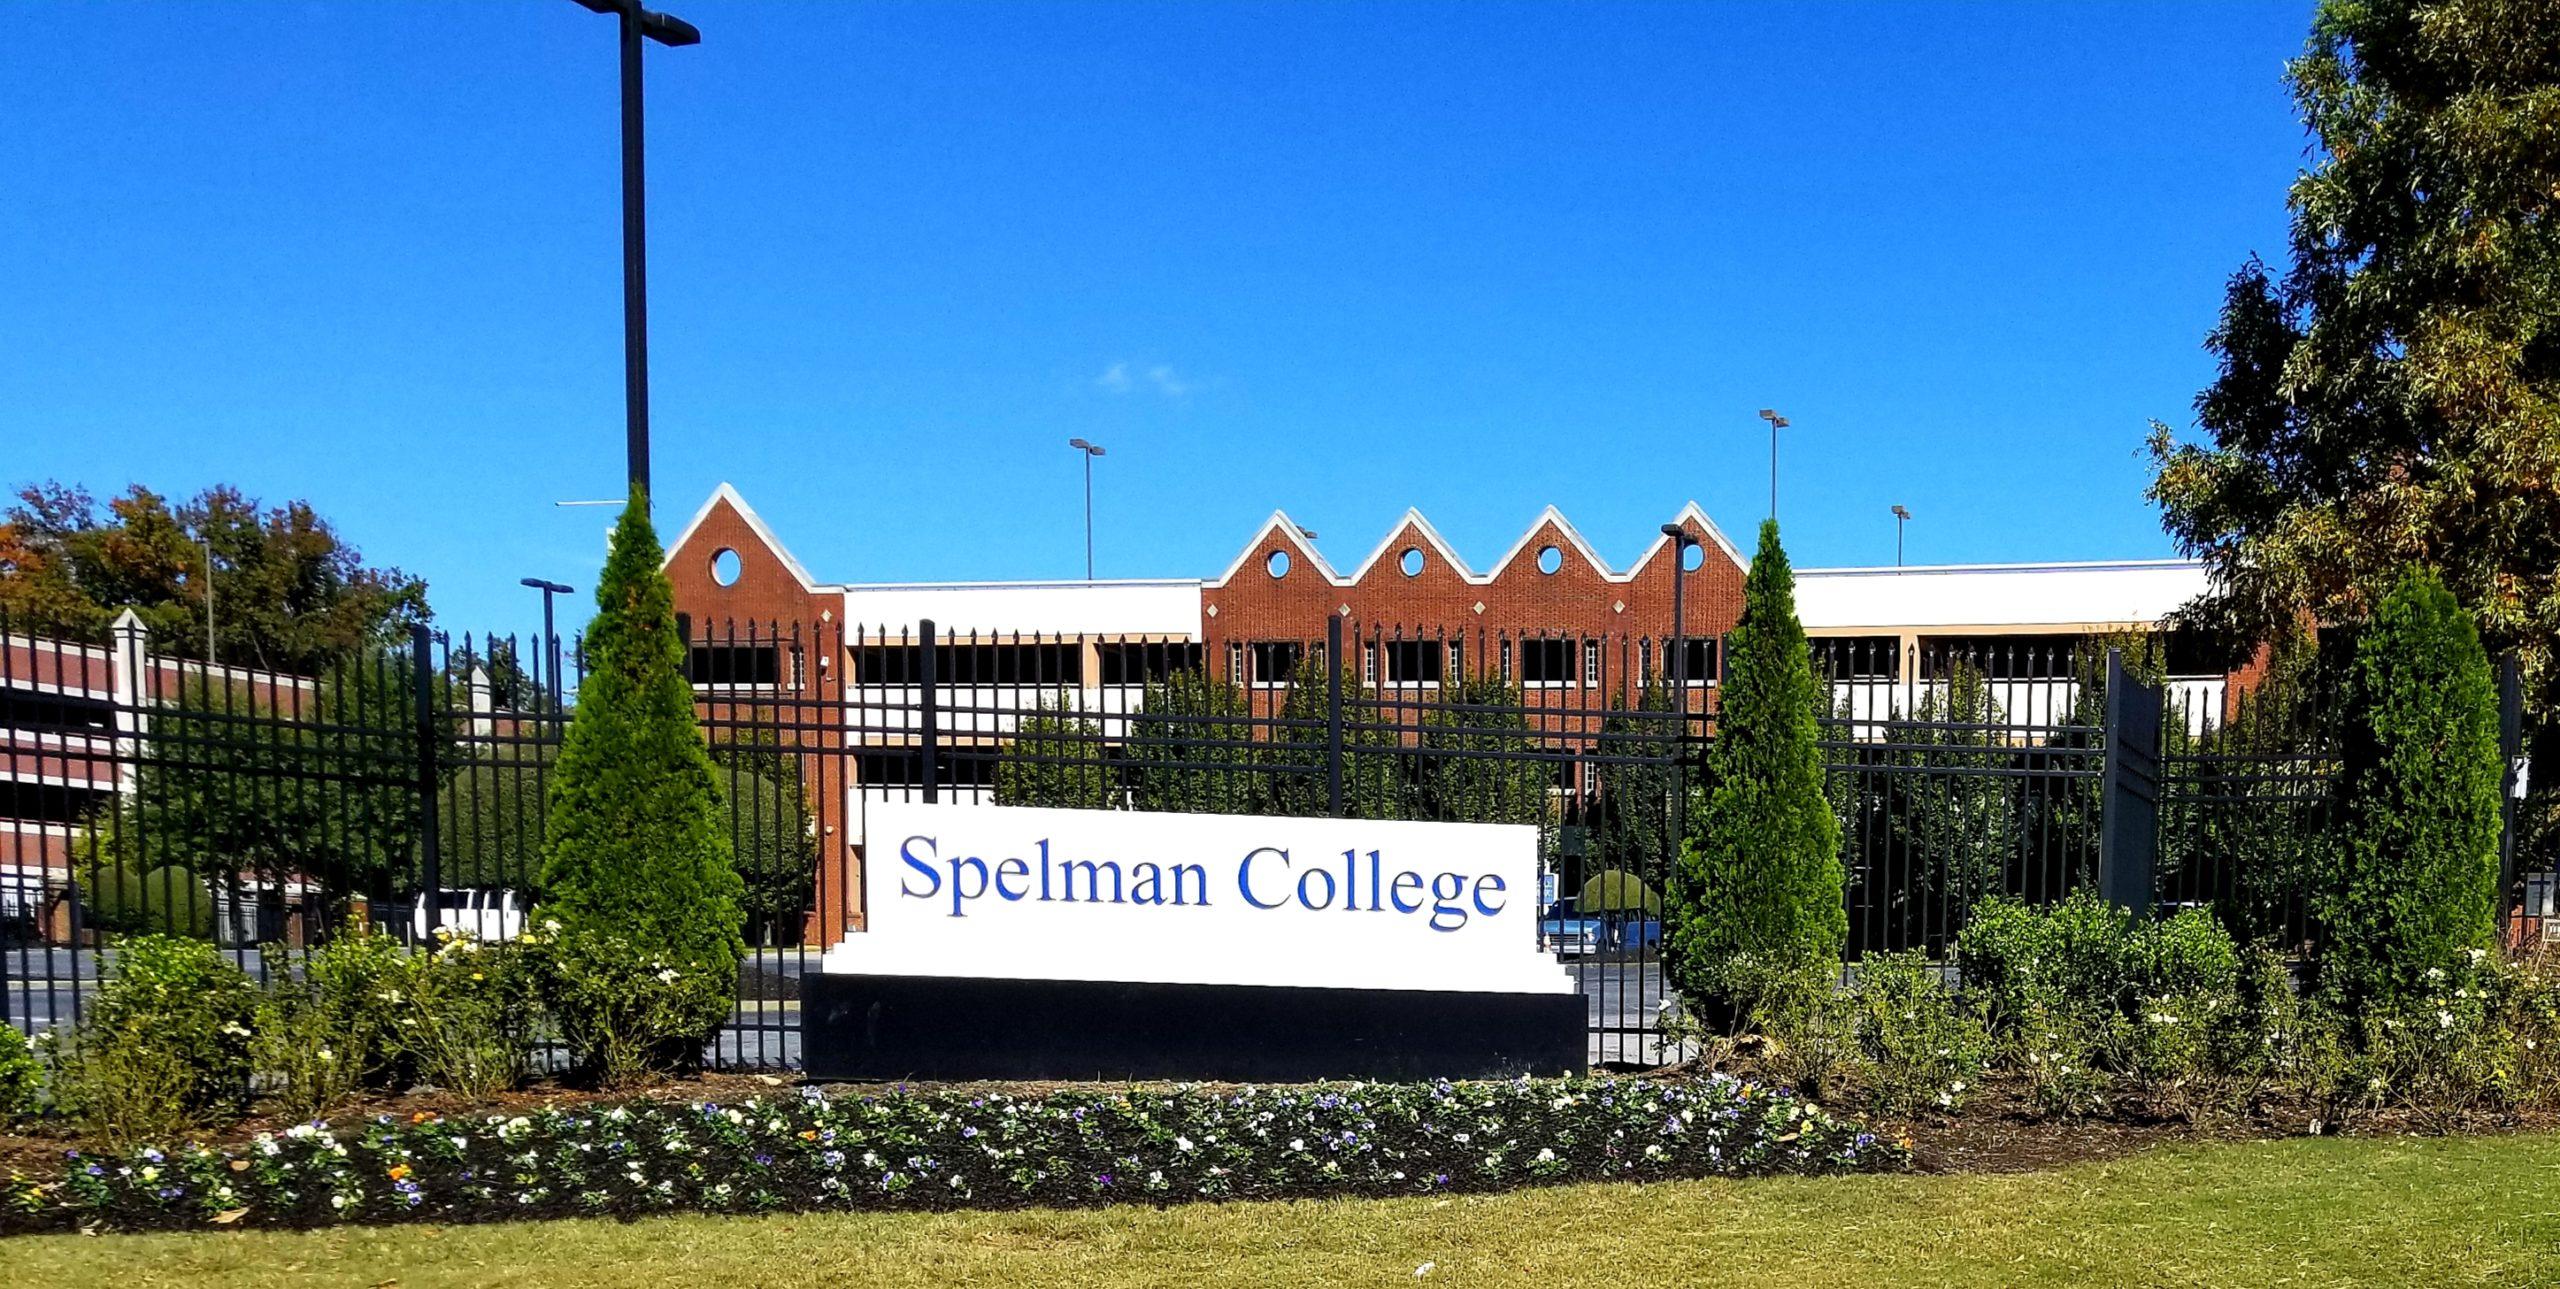 A-Spelman-College-é-uma-das-Universidades-historicamente-negras-dos-EUA